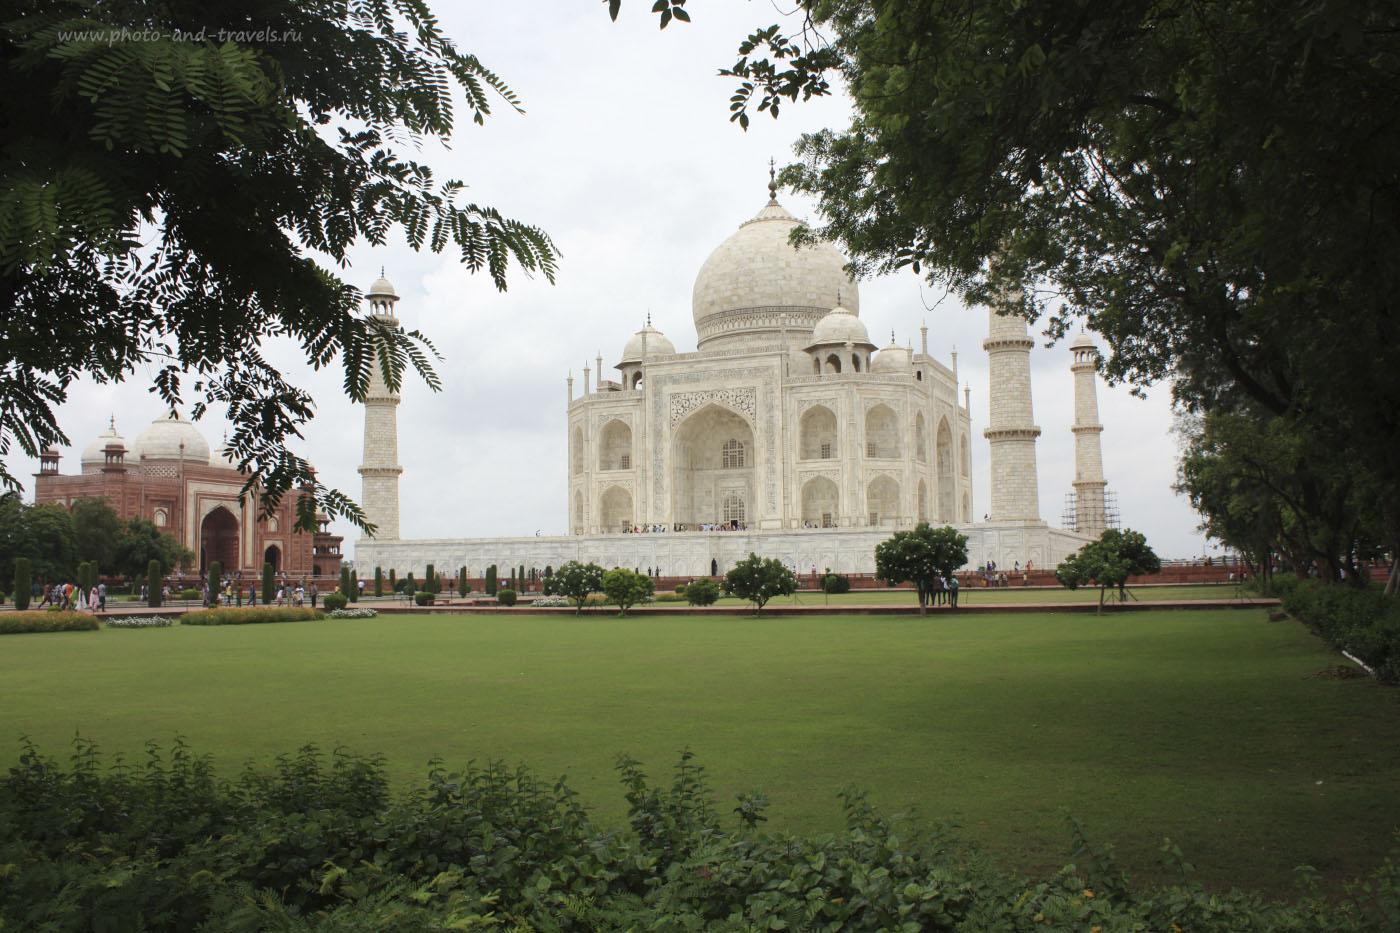 Фотография 6. Самая известная достопримечательность Индии и Агры – мавзолей Тадж-Махал.